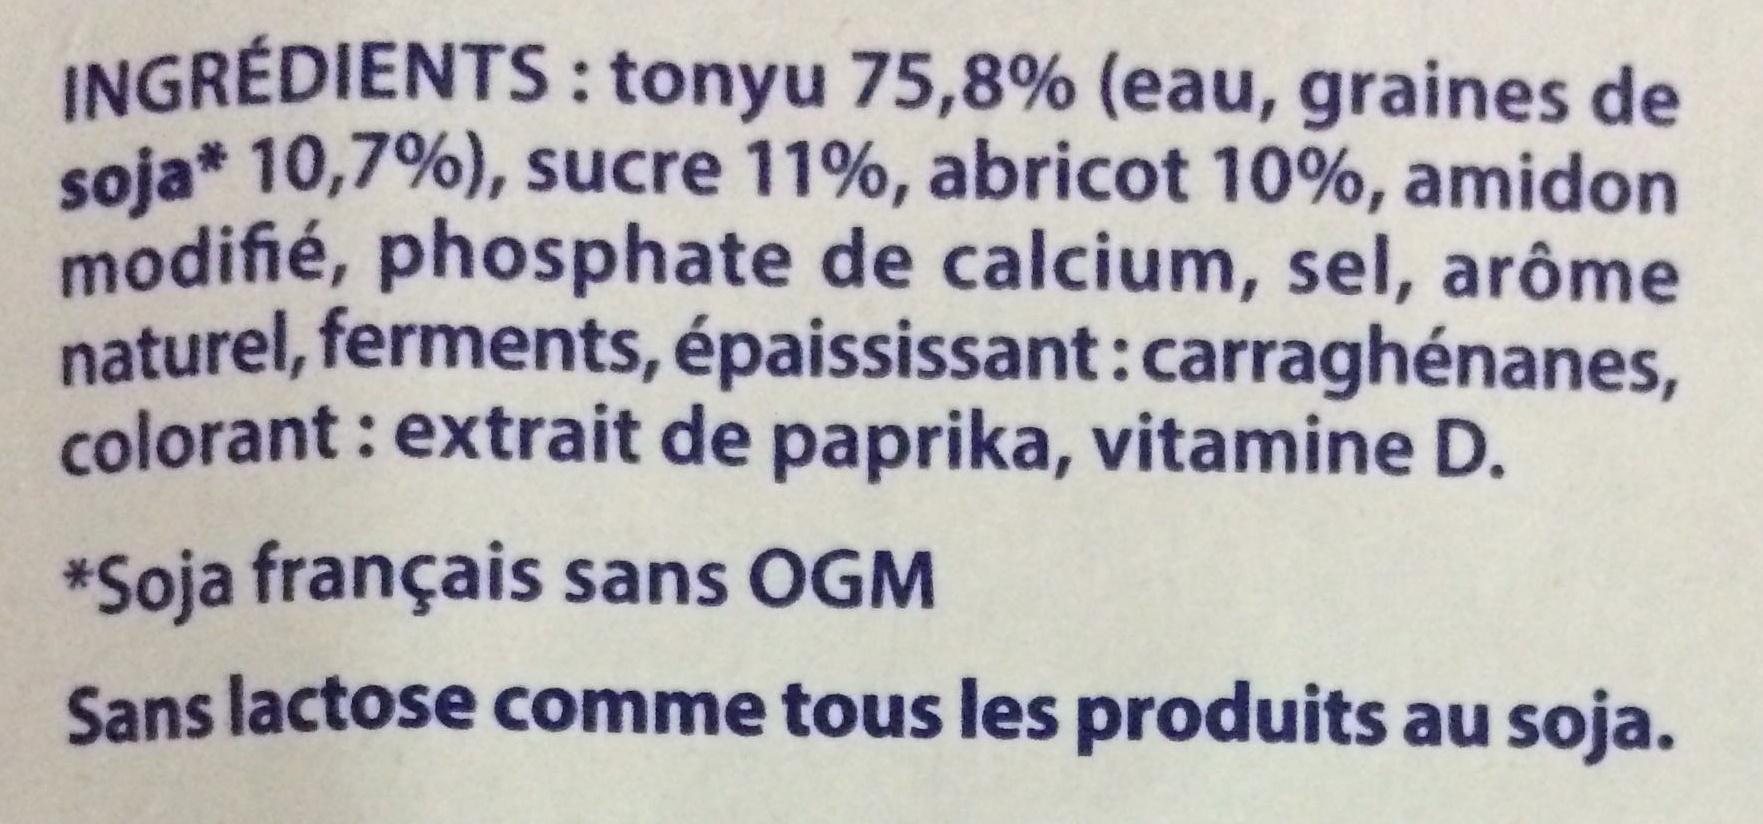 Les Petits Plaisirs Soja Morceaux d'Abricot - Ingrédients - fr